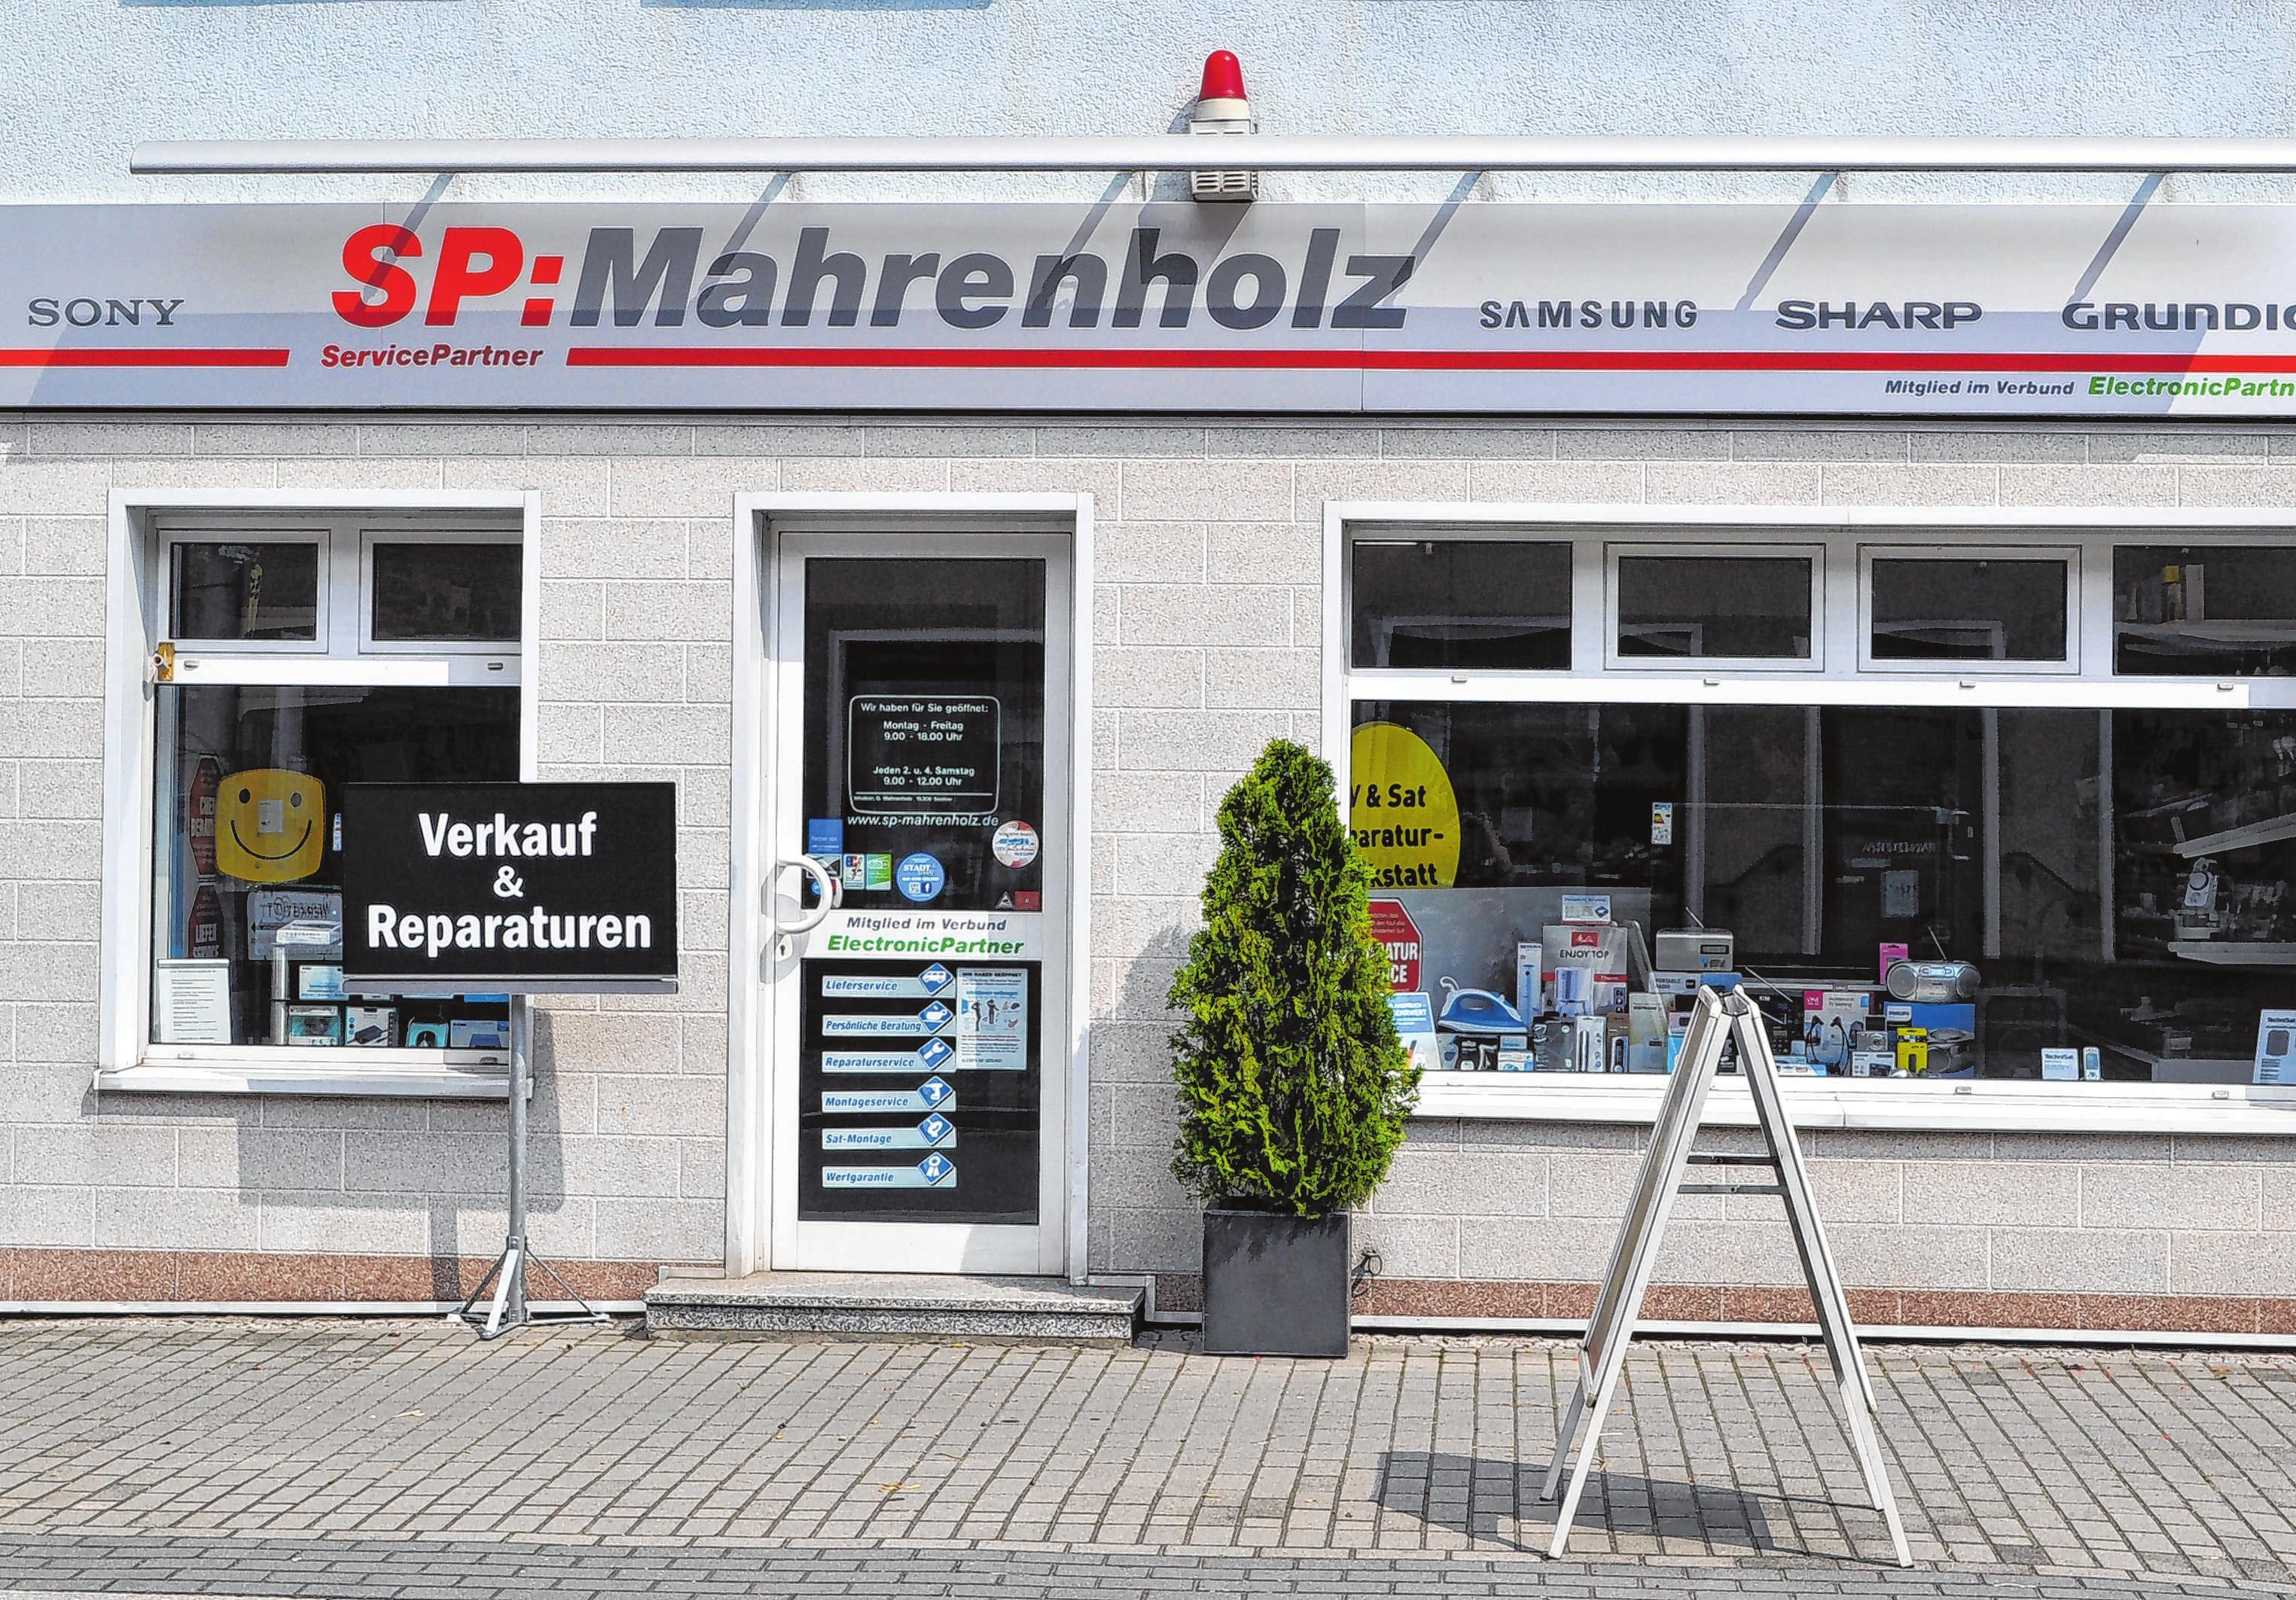 Aktuellste Technik in Seelow: Dirk Mahrenholz bietet in seinem Fachgeschäft immer neueste Geräte an.